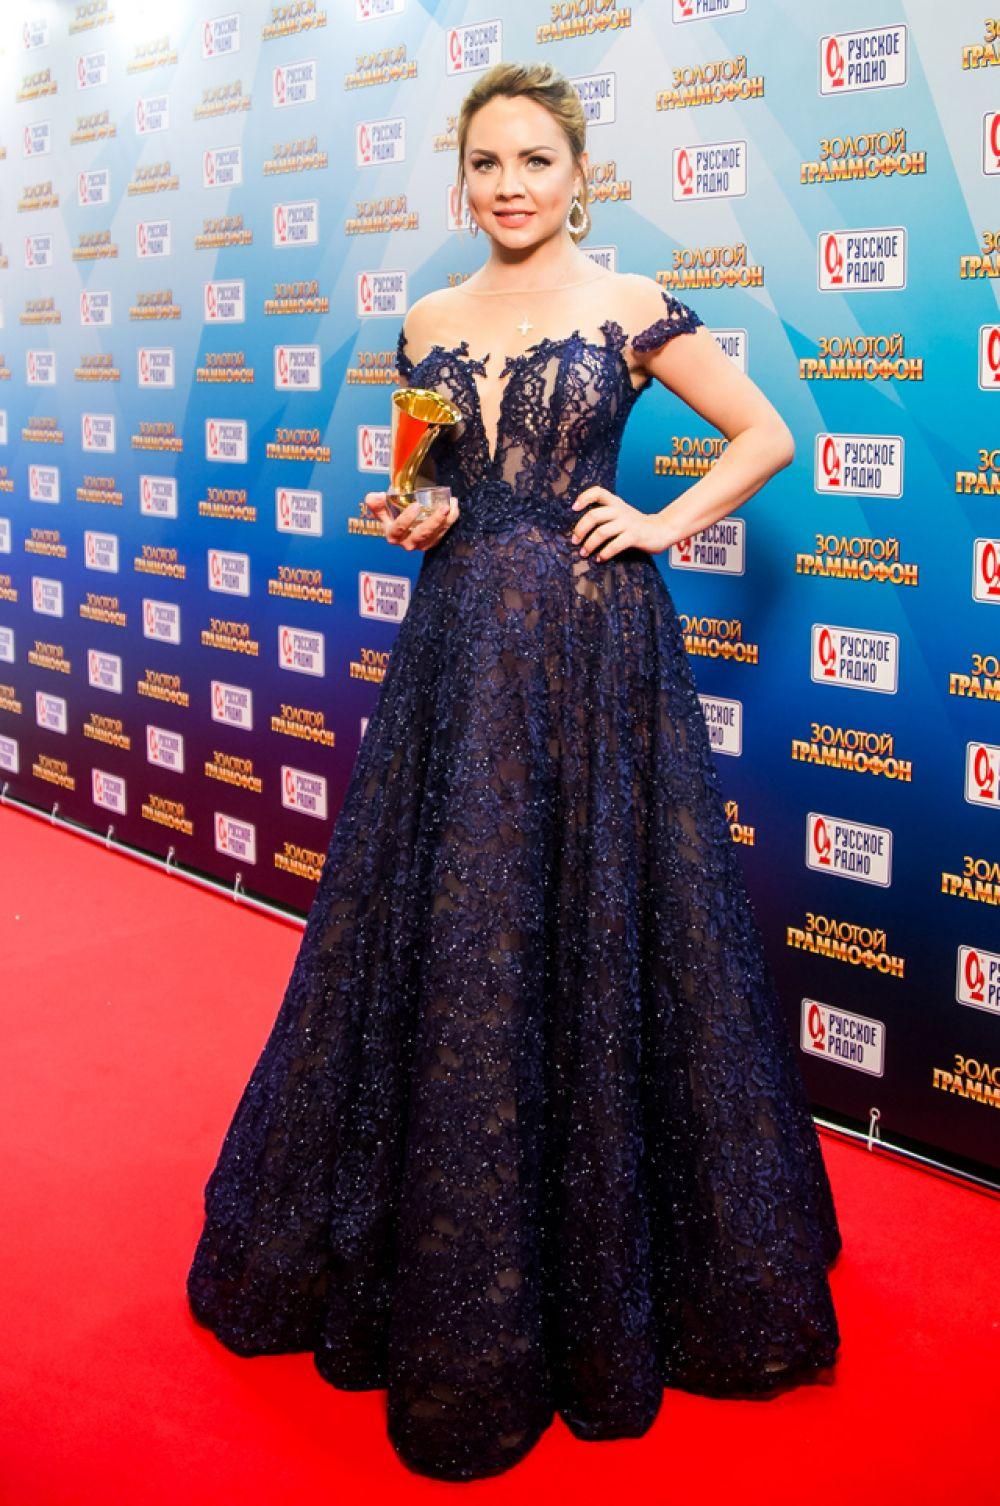 Певица Максим выбрала красивое изысканное платье с разрезом на груди и оголенными плечами.